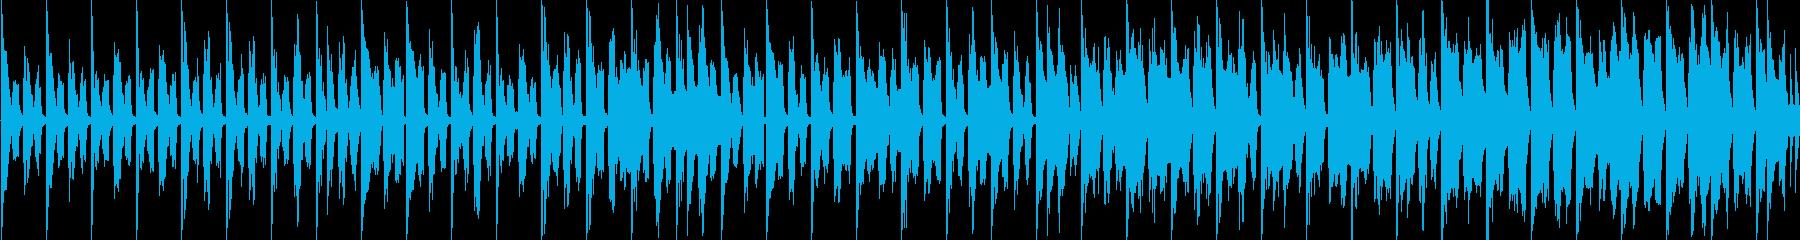 【ループ】リコーダーとトランペットの楽しの再生済みの波形